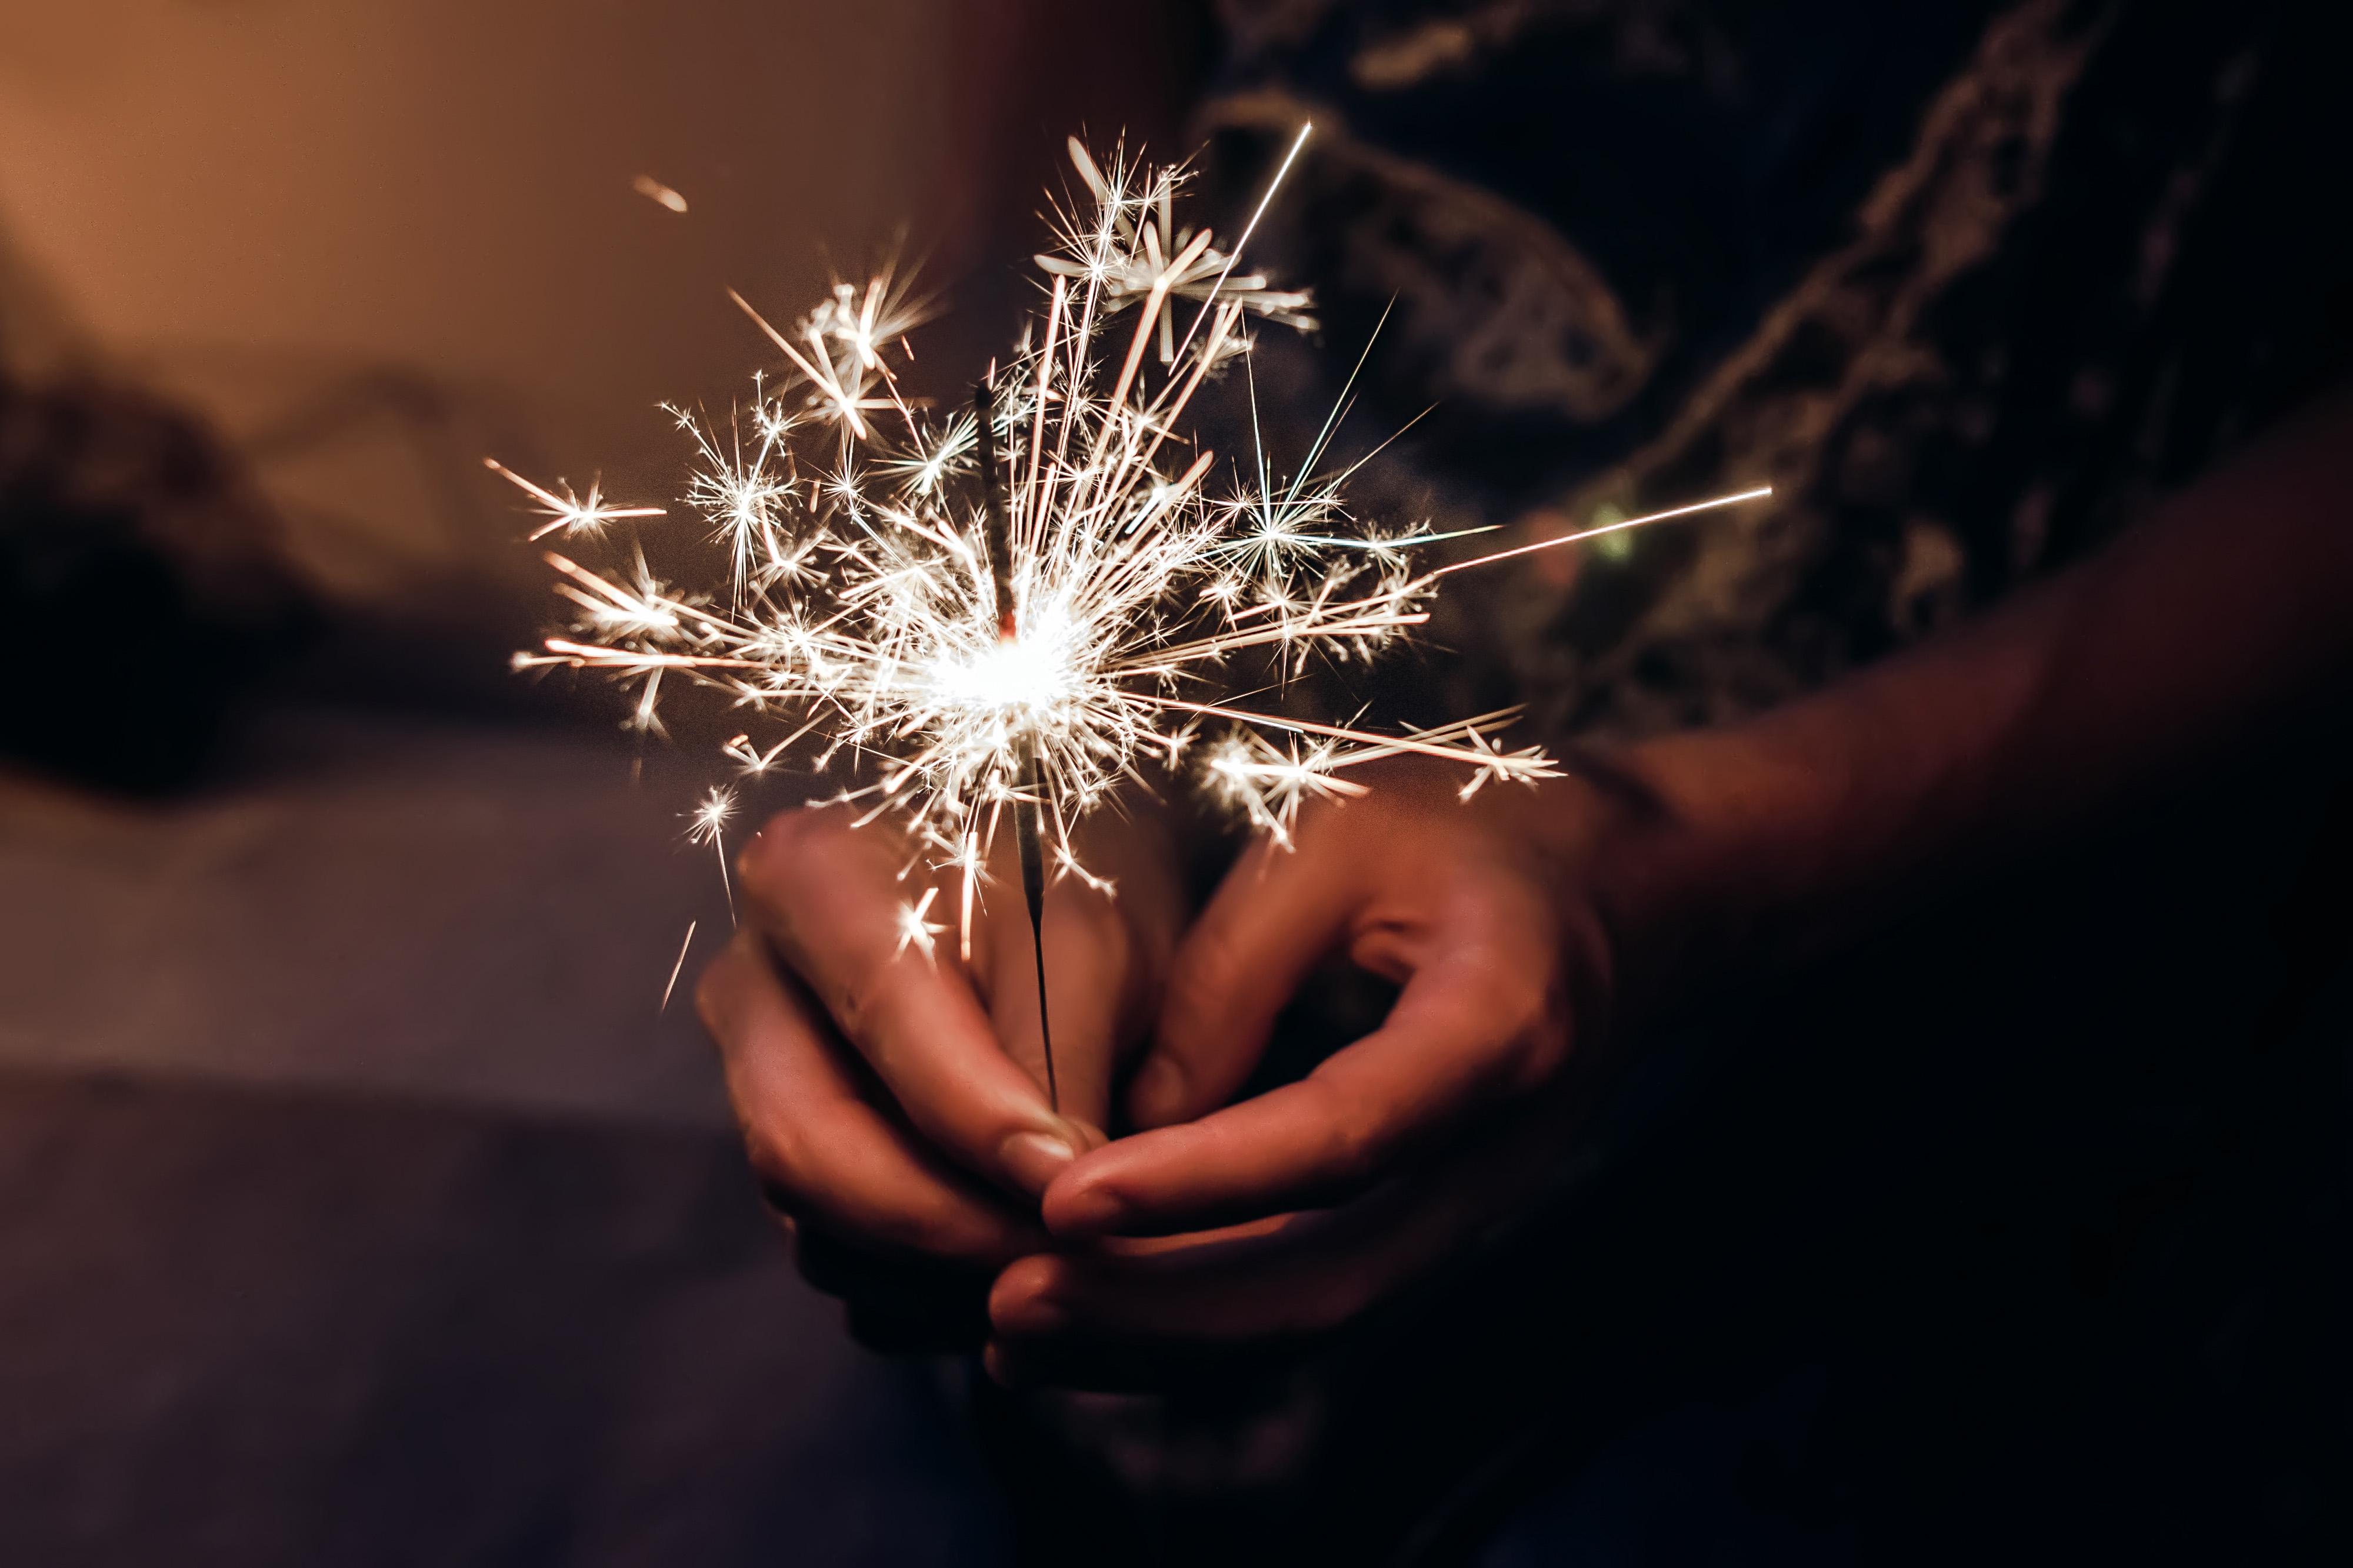 Hand holding a burning sparkler firework bengal light-72 ppi